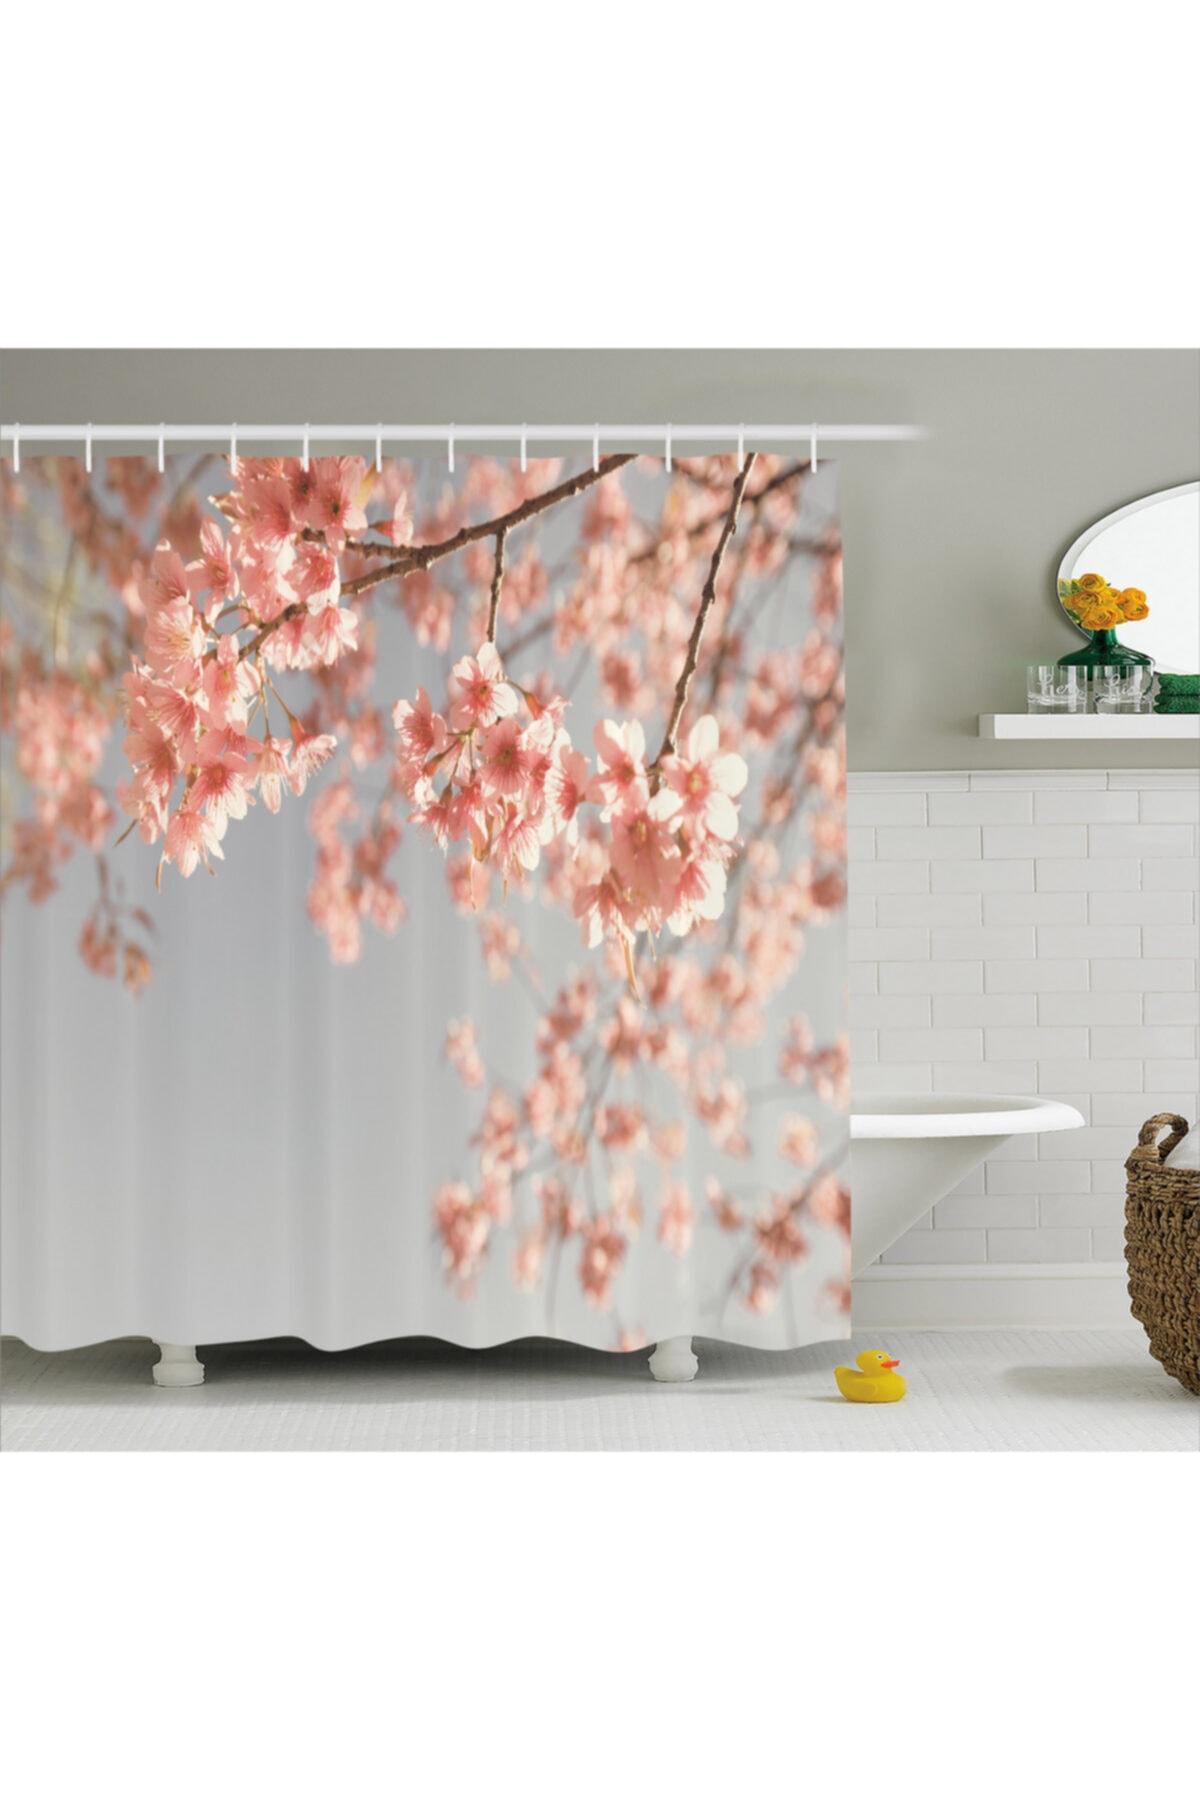 Bitki Duş Perdesi Zarif Bahar Çiçeklerinden Oluşan Duvar Kağıdı